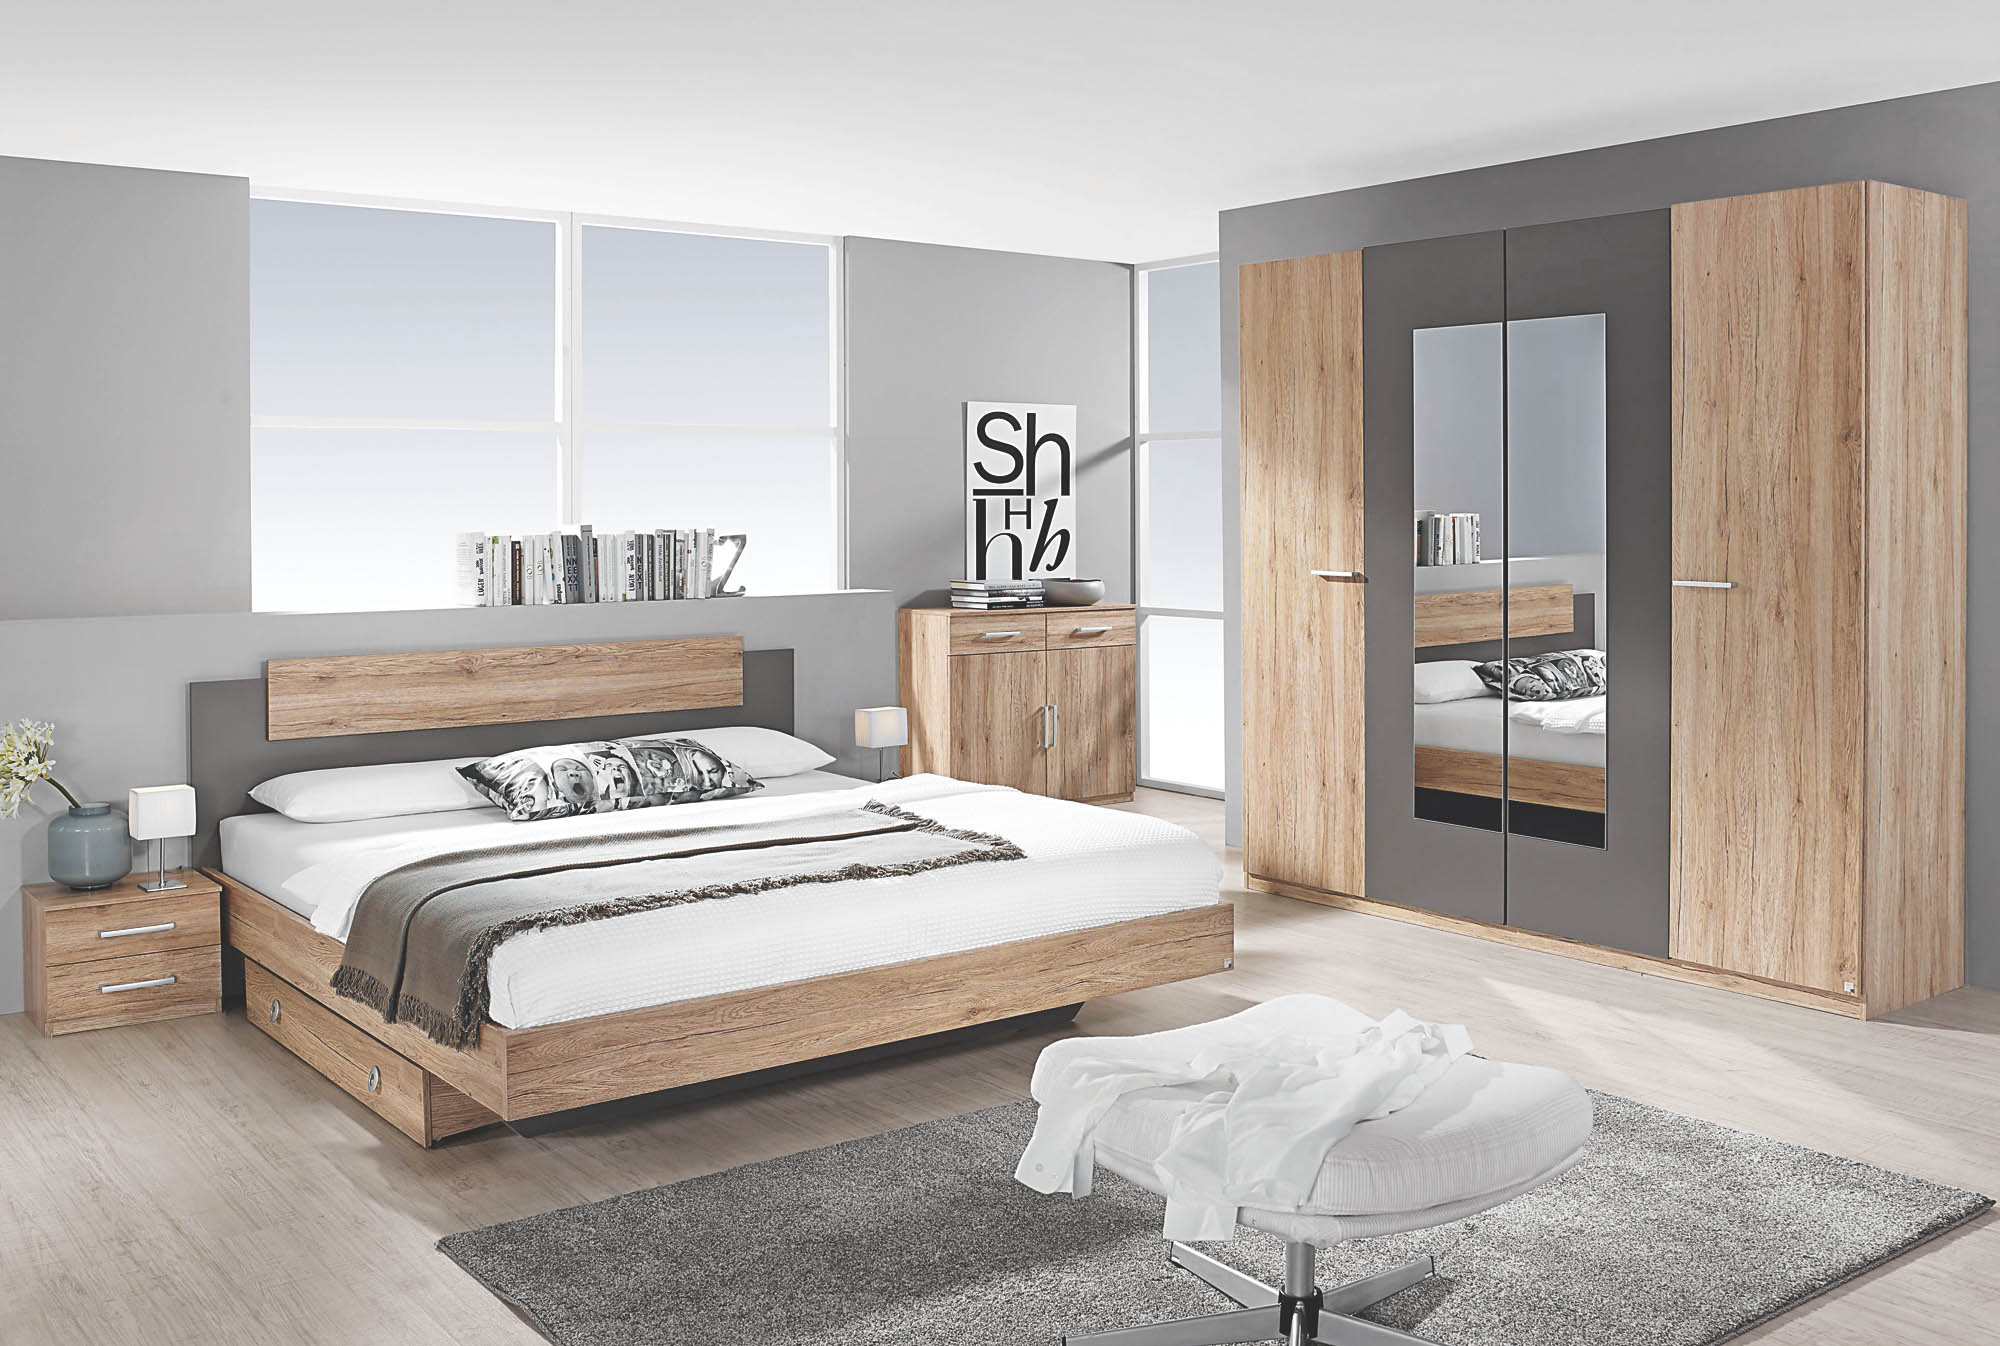 Schlafzimmer 4-tlg Borba von Rauch Packs mit 180x200 Bett Eiche ...